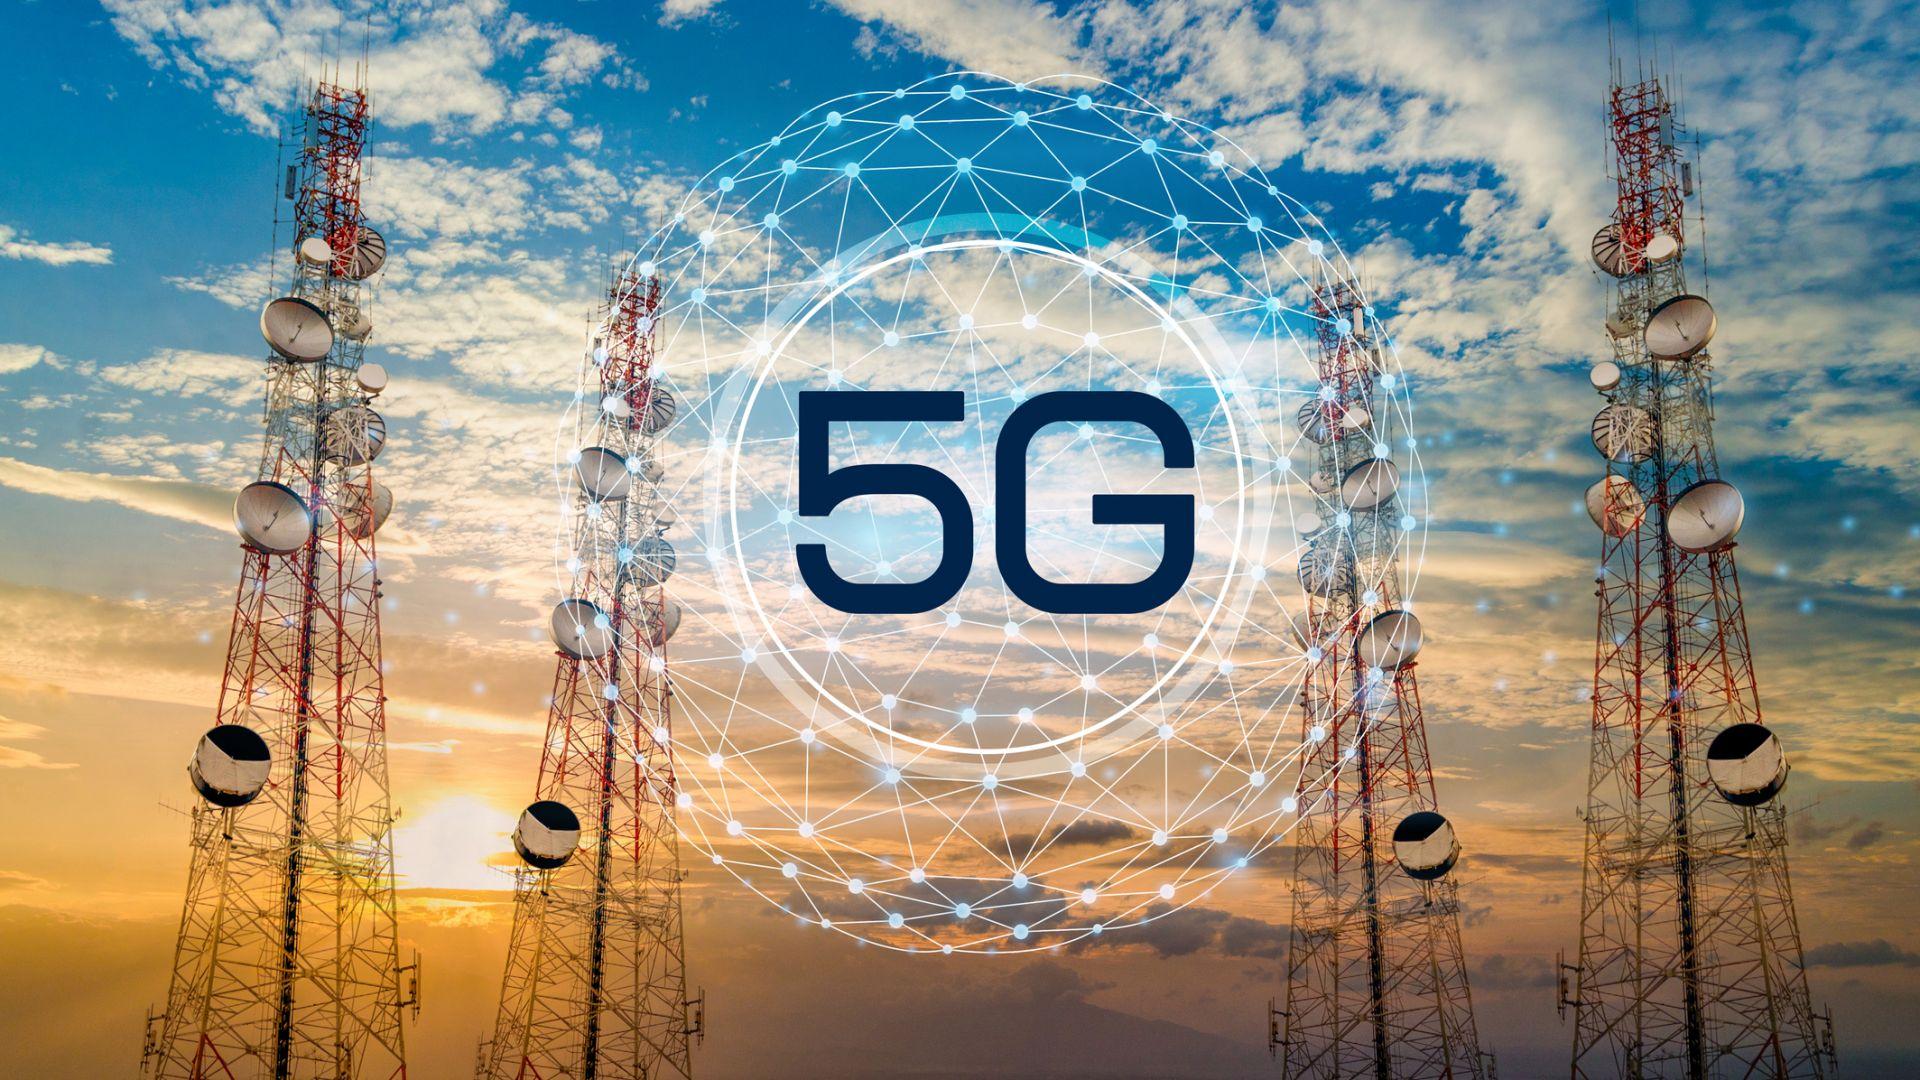 Германия събра 6,6 милиарда евро от търг на 5G честоти